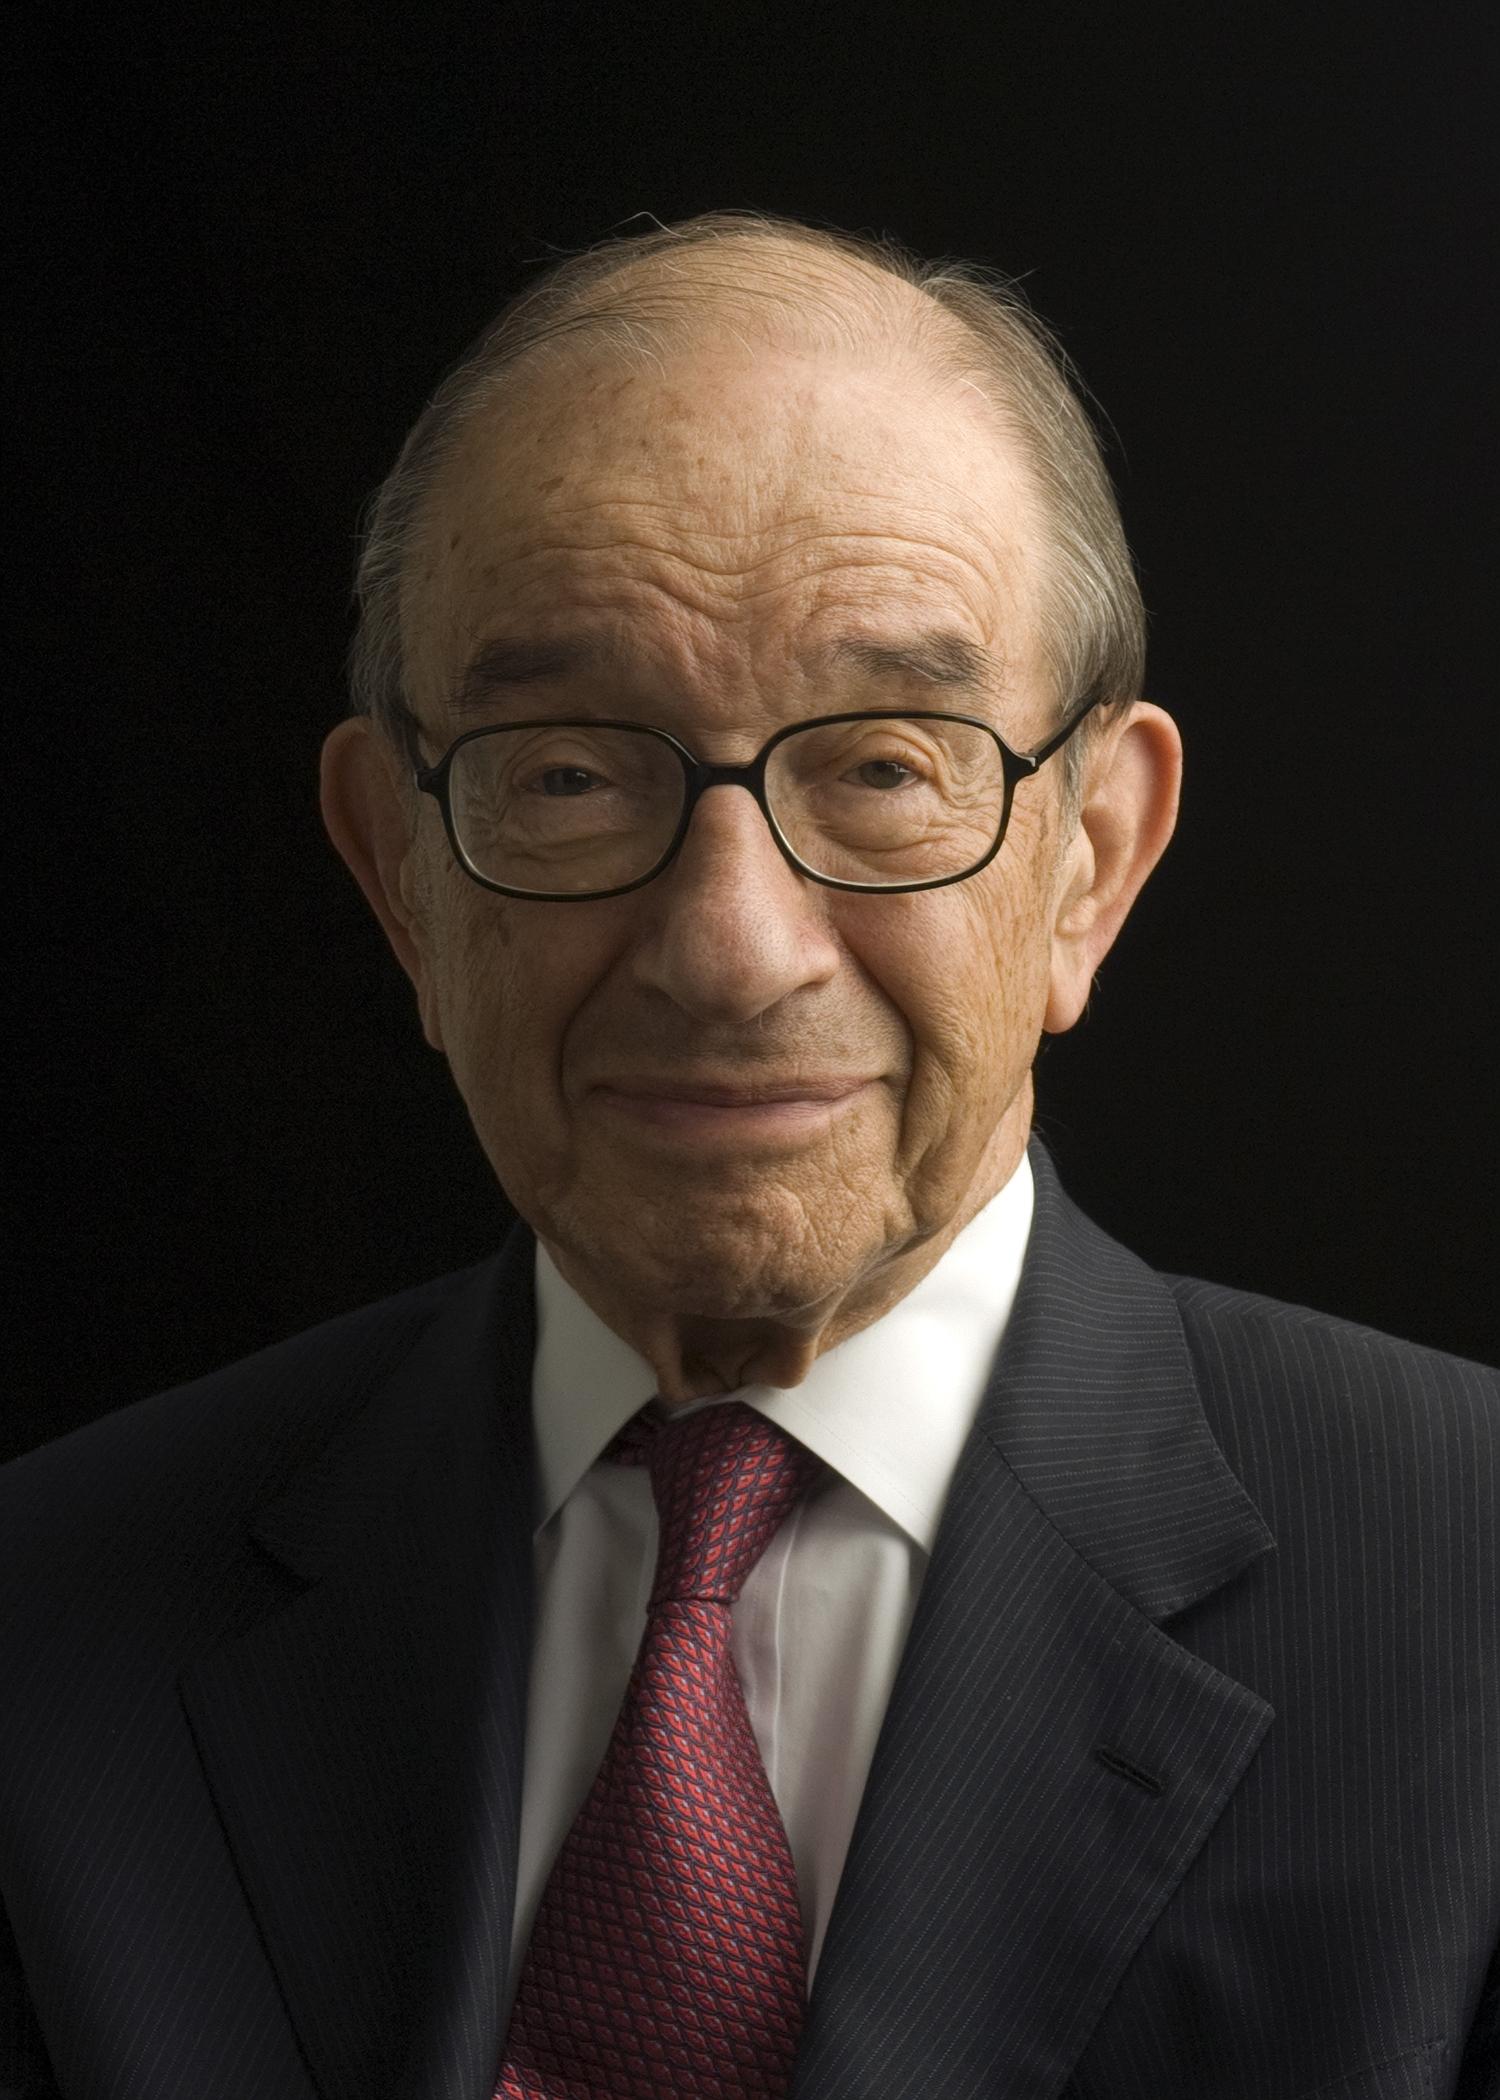 Alan Greenspan Headshot.JPG